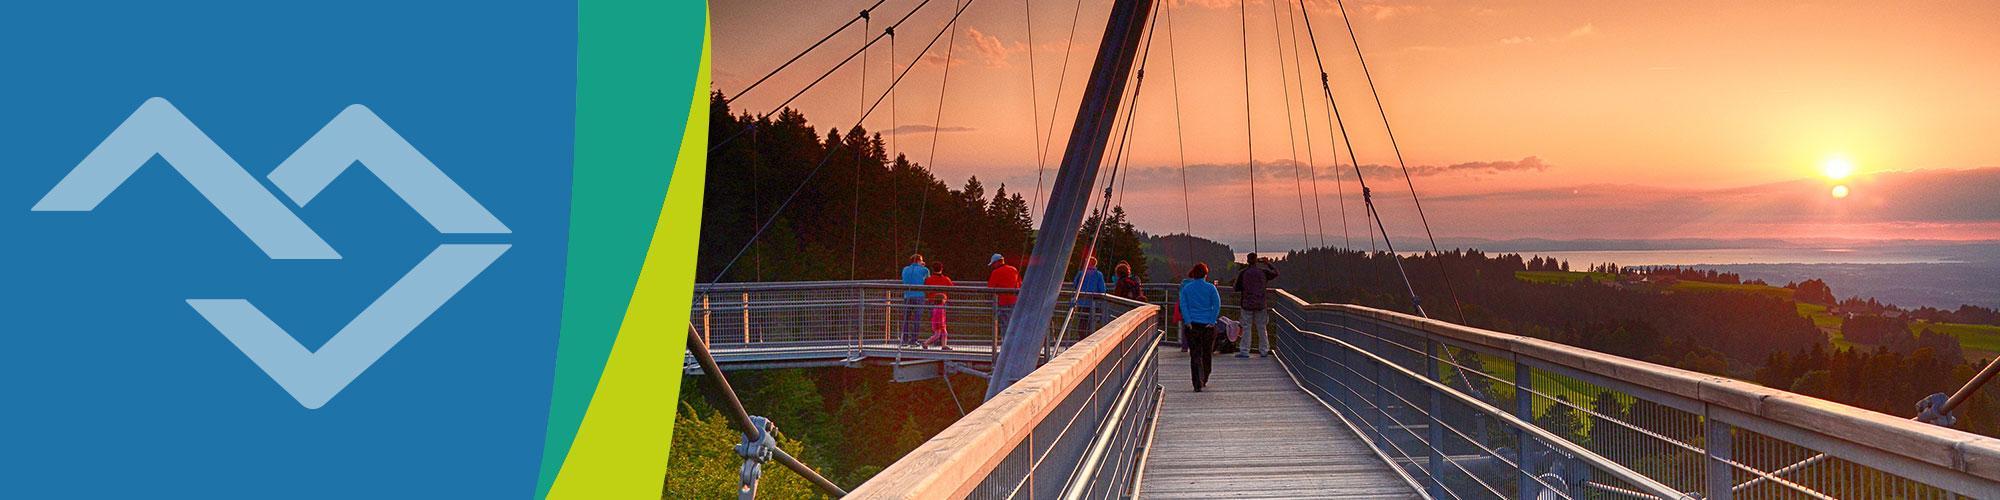 Skywalk Allgäu gemeinnützige GmbH